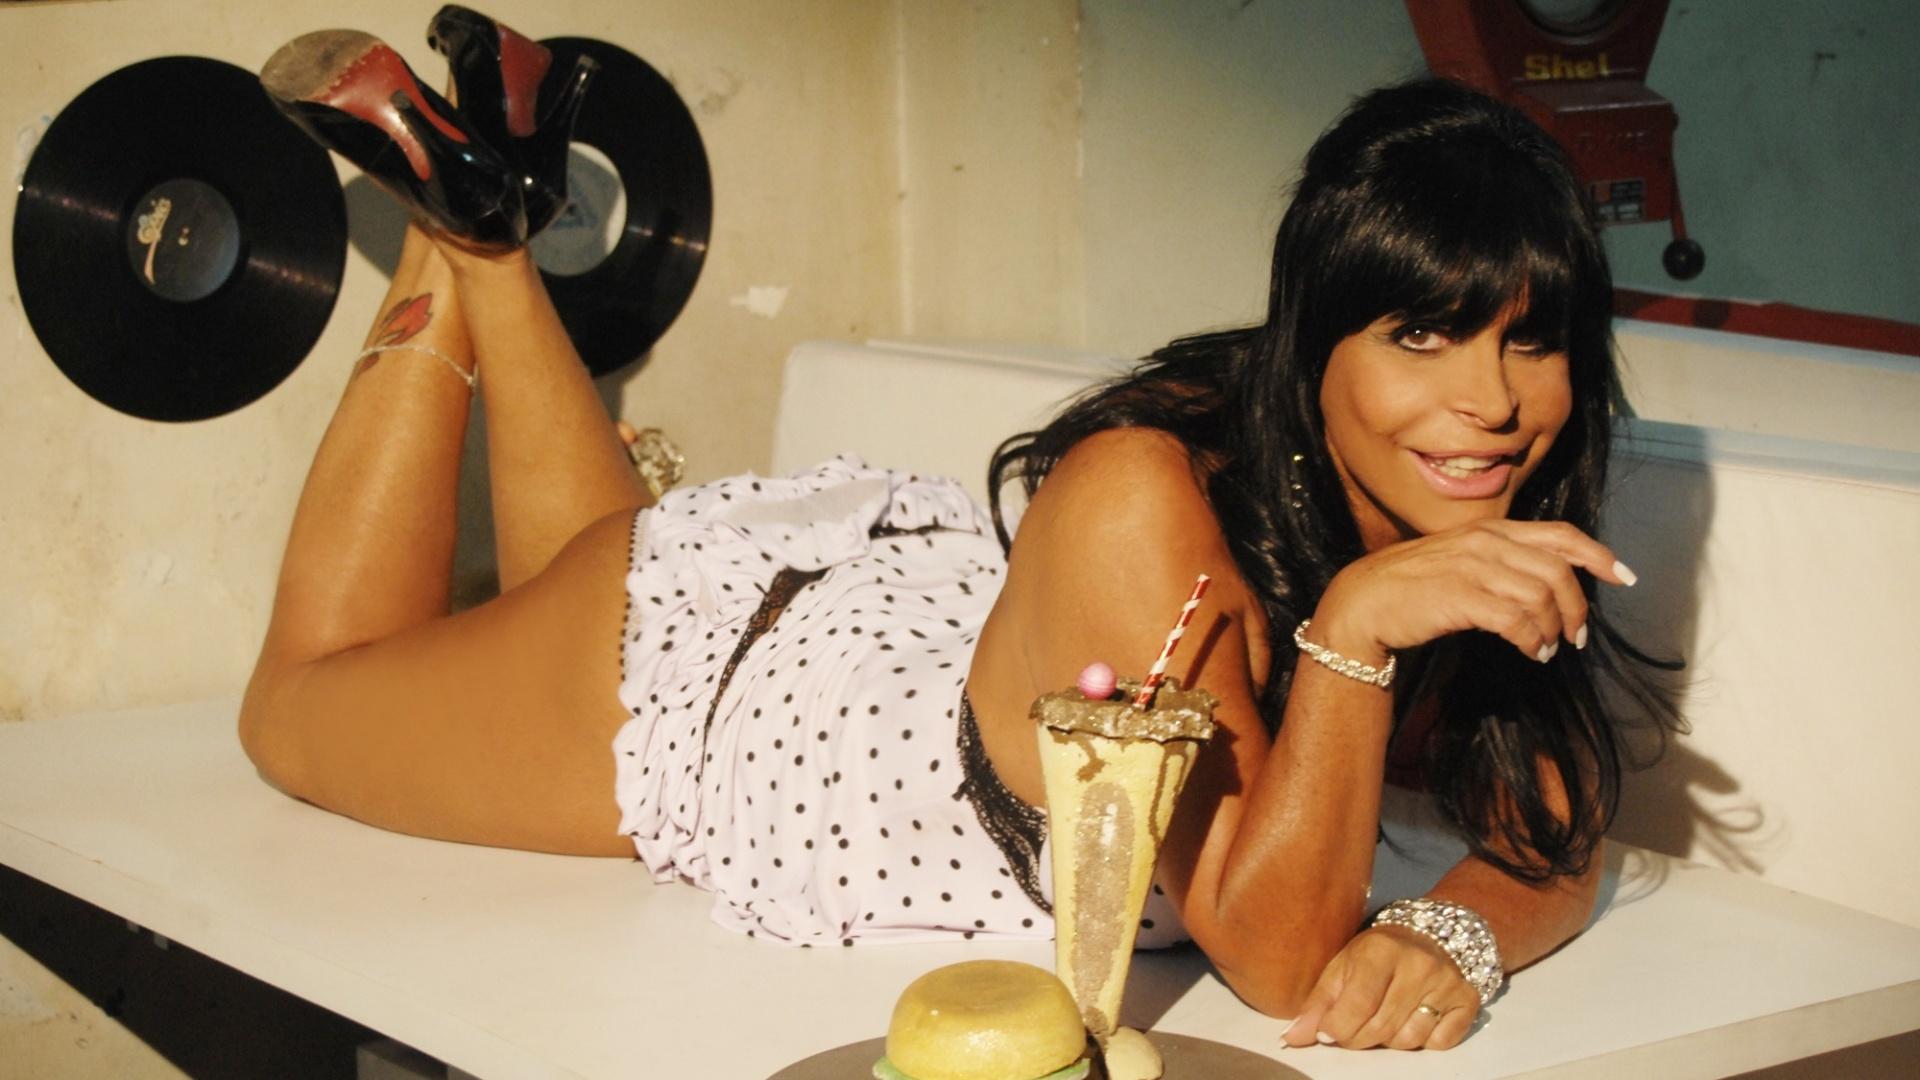 Gretchen usa camisola sensual e salto alto em ensaio fotográfico